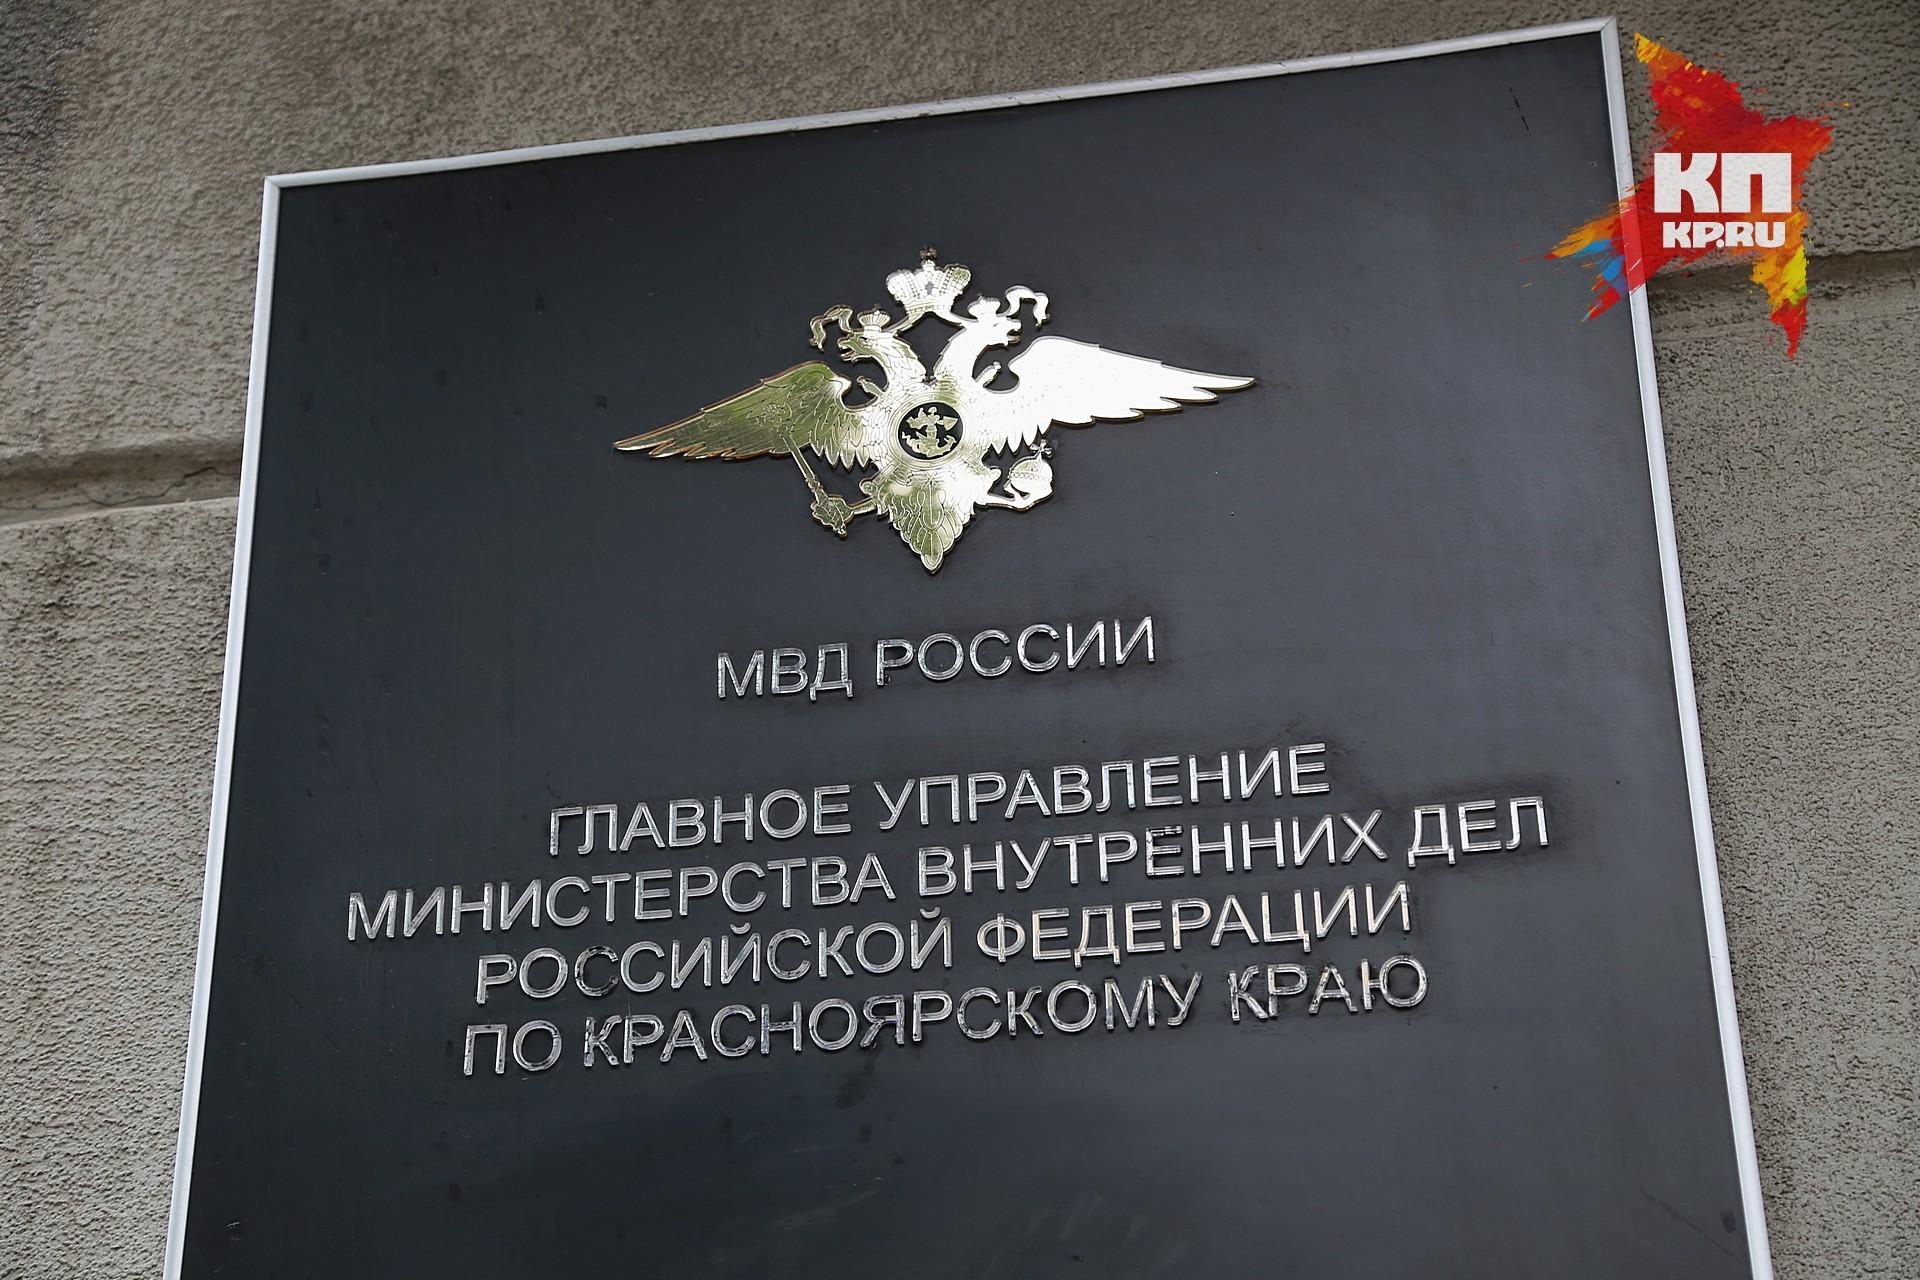 ВКрасноярском крае полицейские изъяли неменее 2 тонн подозрительного лосьона